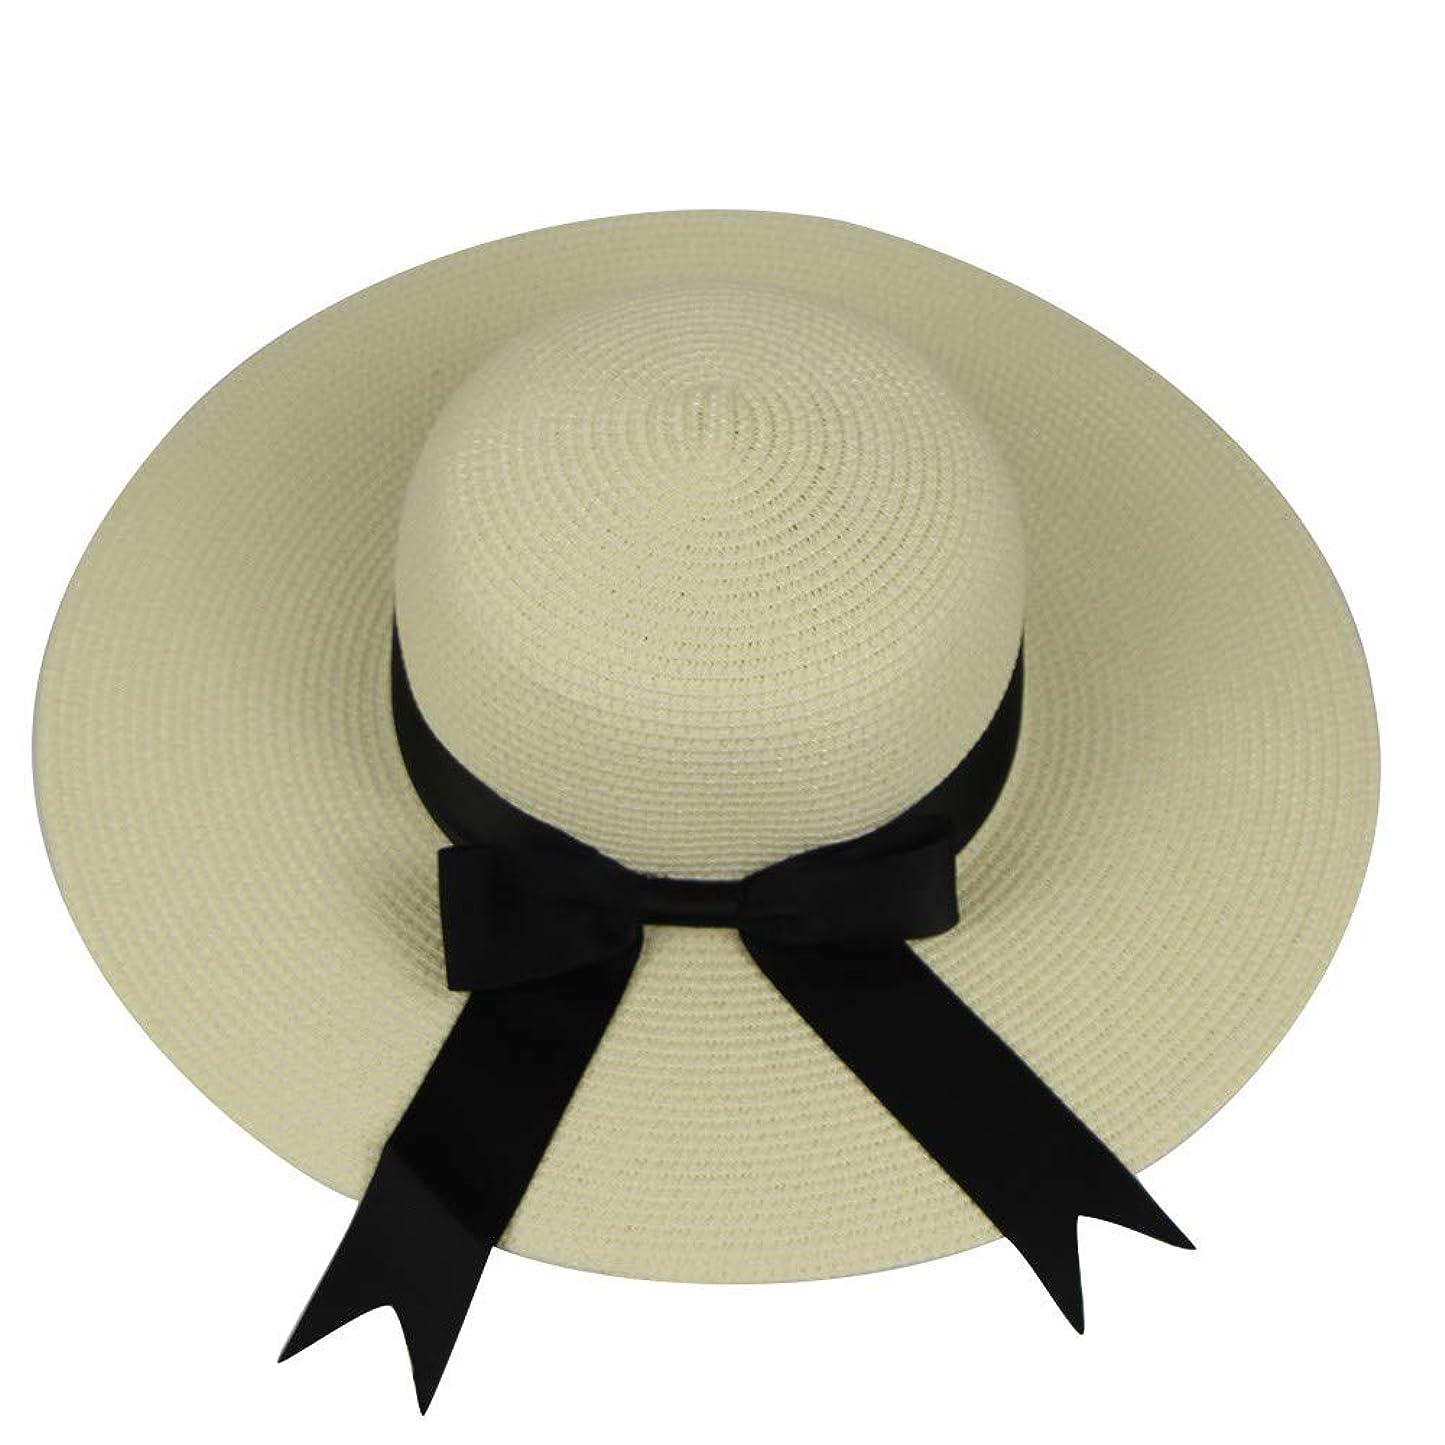 貧しいの面では偽物UVカット 帽子 ハット レディース 紫外線対策 日焼け防止 軽量 熱中症予防 取り外すあご紐 つば広 おしゃれ 広幅 小顔効果抜群 折りたたみ サイズ調節可 旅行 調節テープ 吸汗通気 紫外線対策 ROSE ROMAN